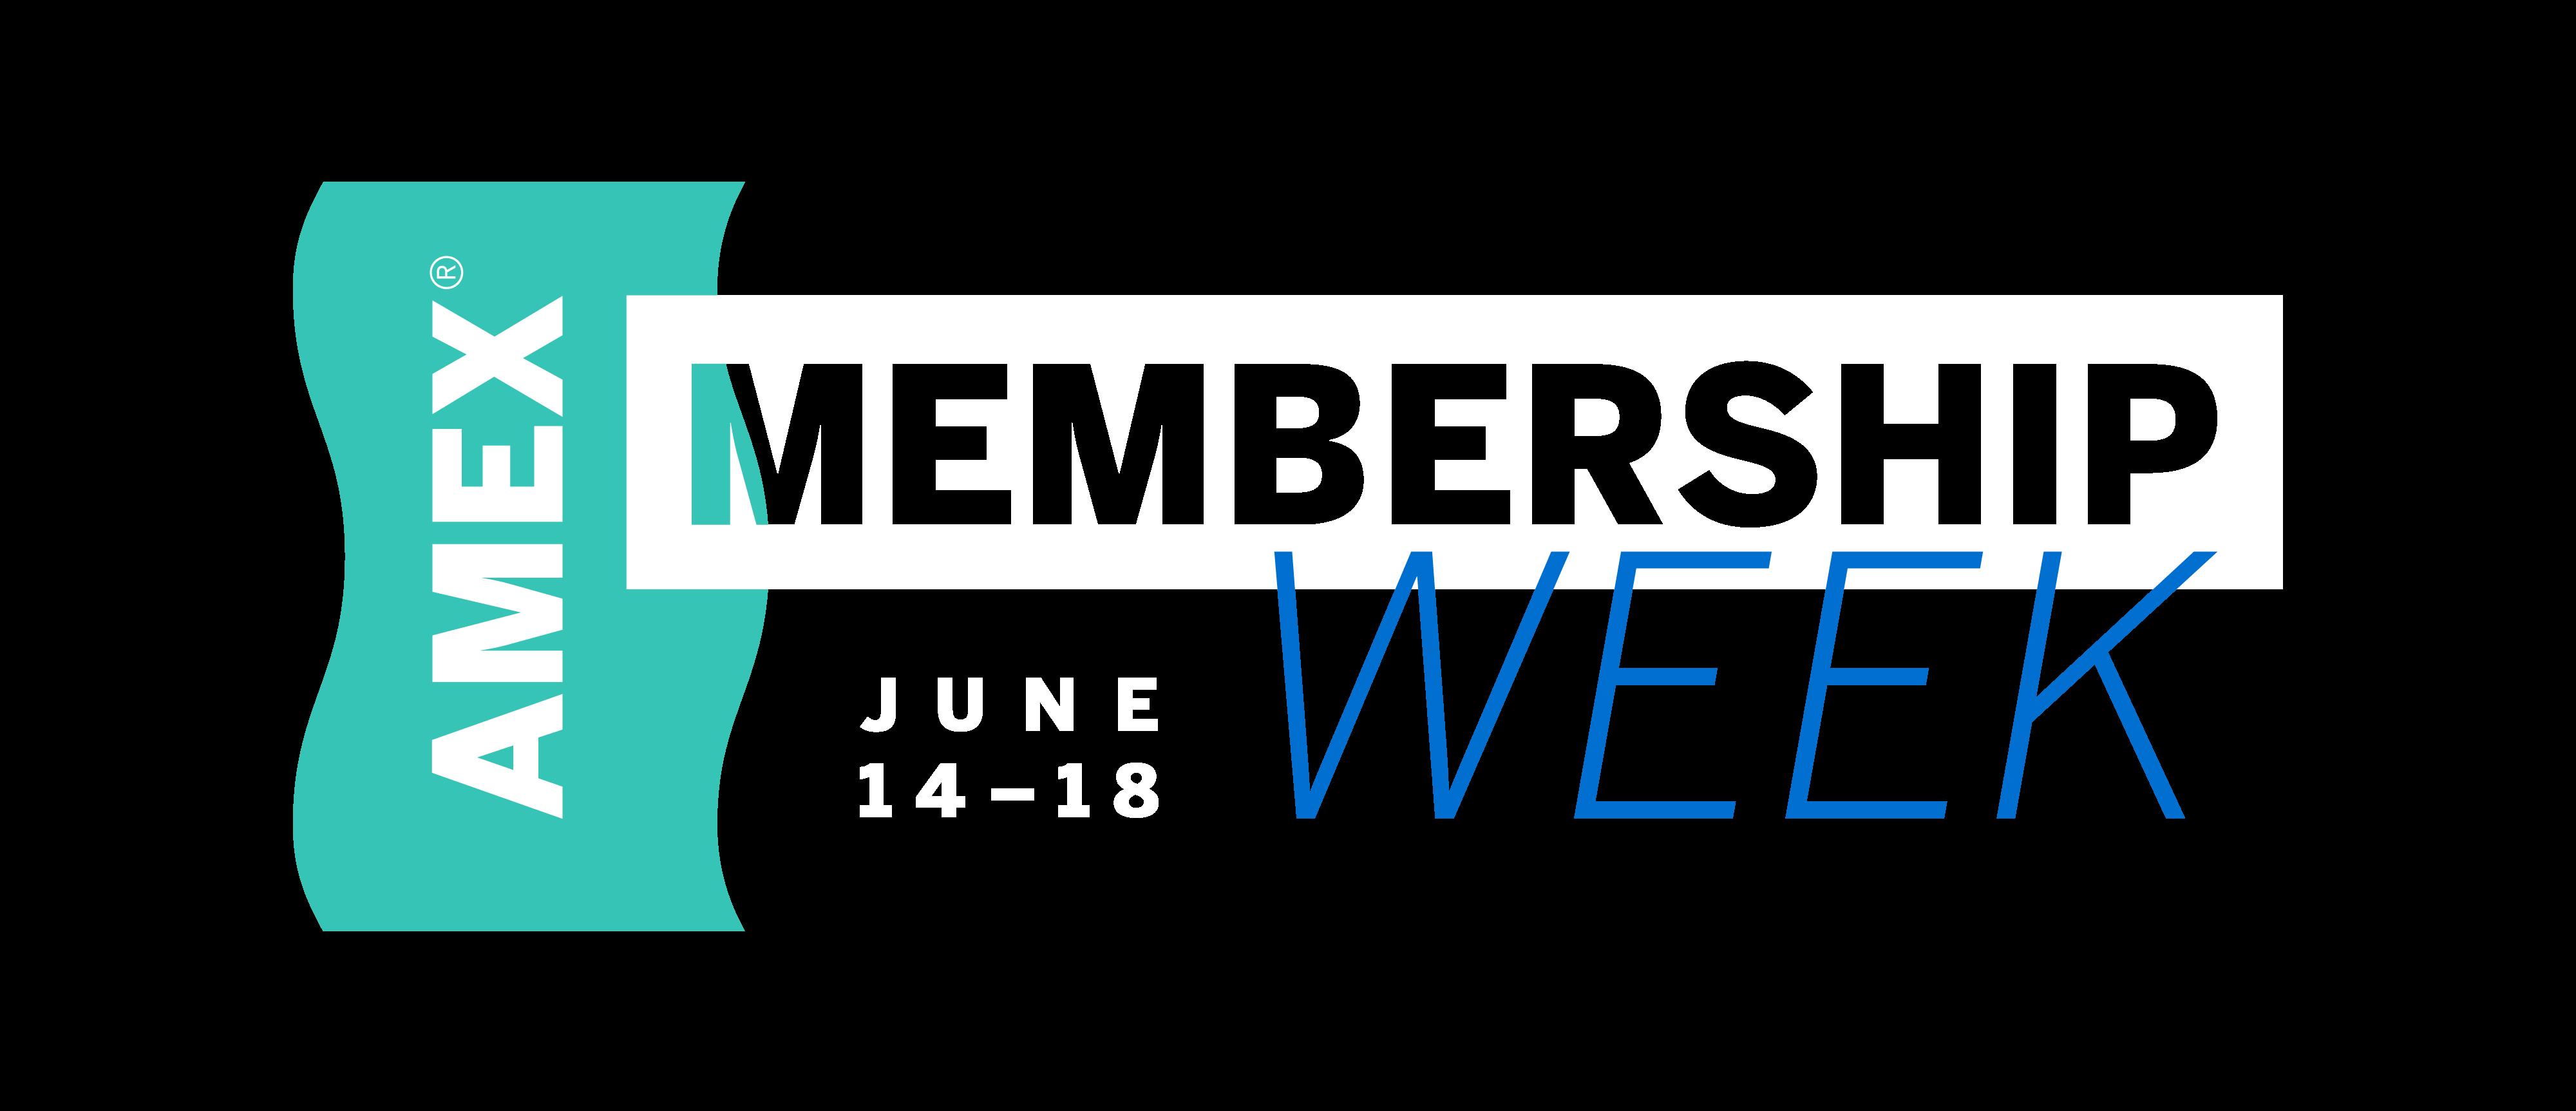 AMEX Week